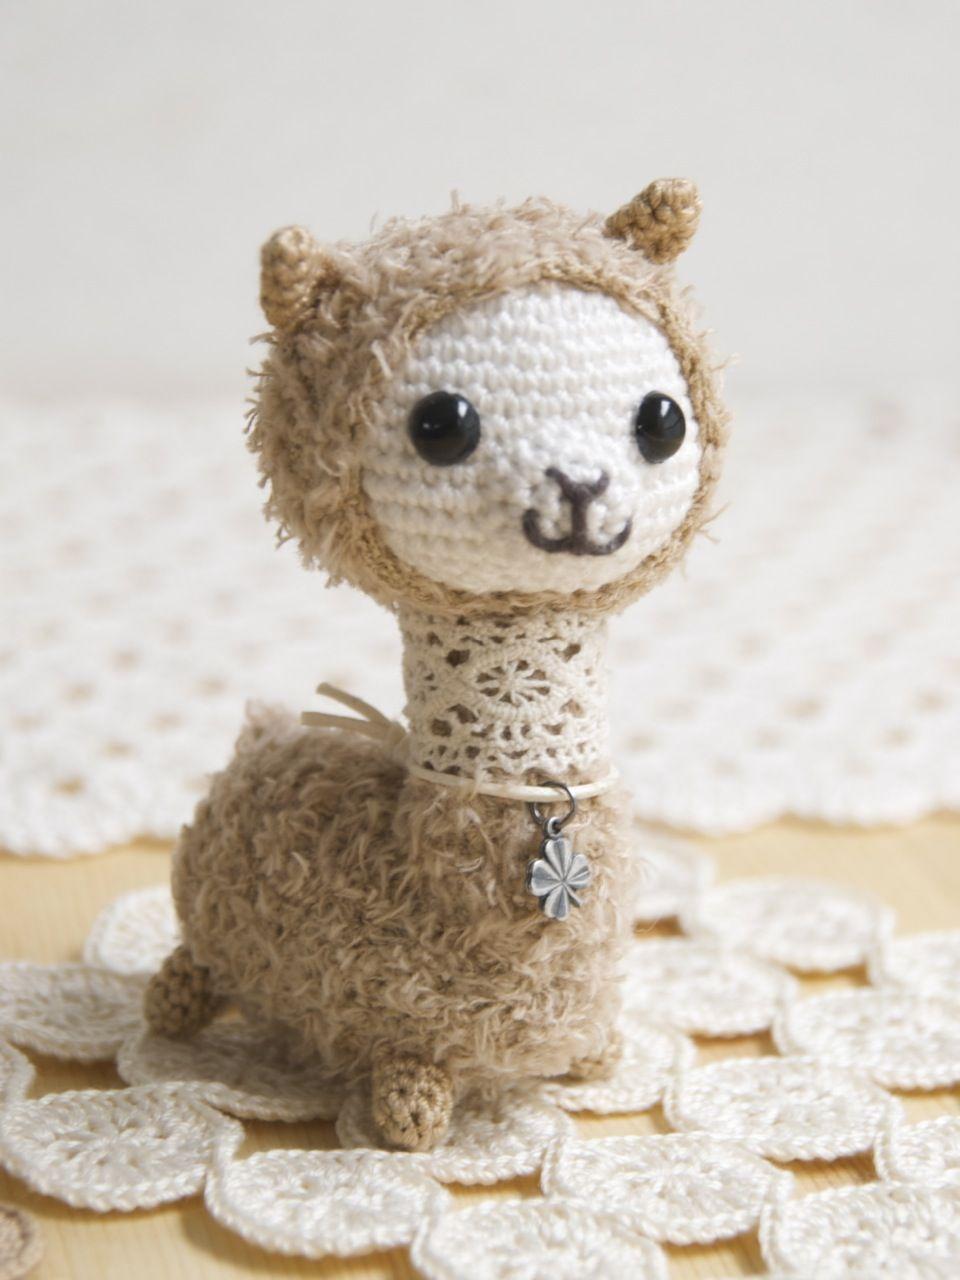 This looks like a alpaca | Crochet I Like - Camels, Alpacas and ...